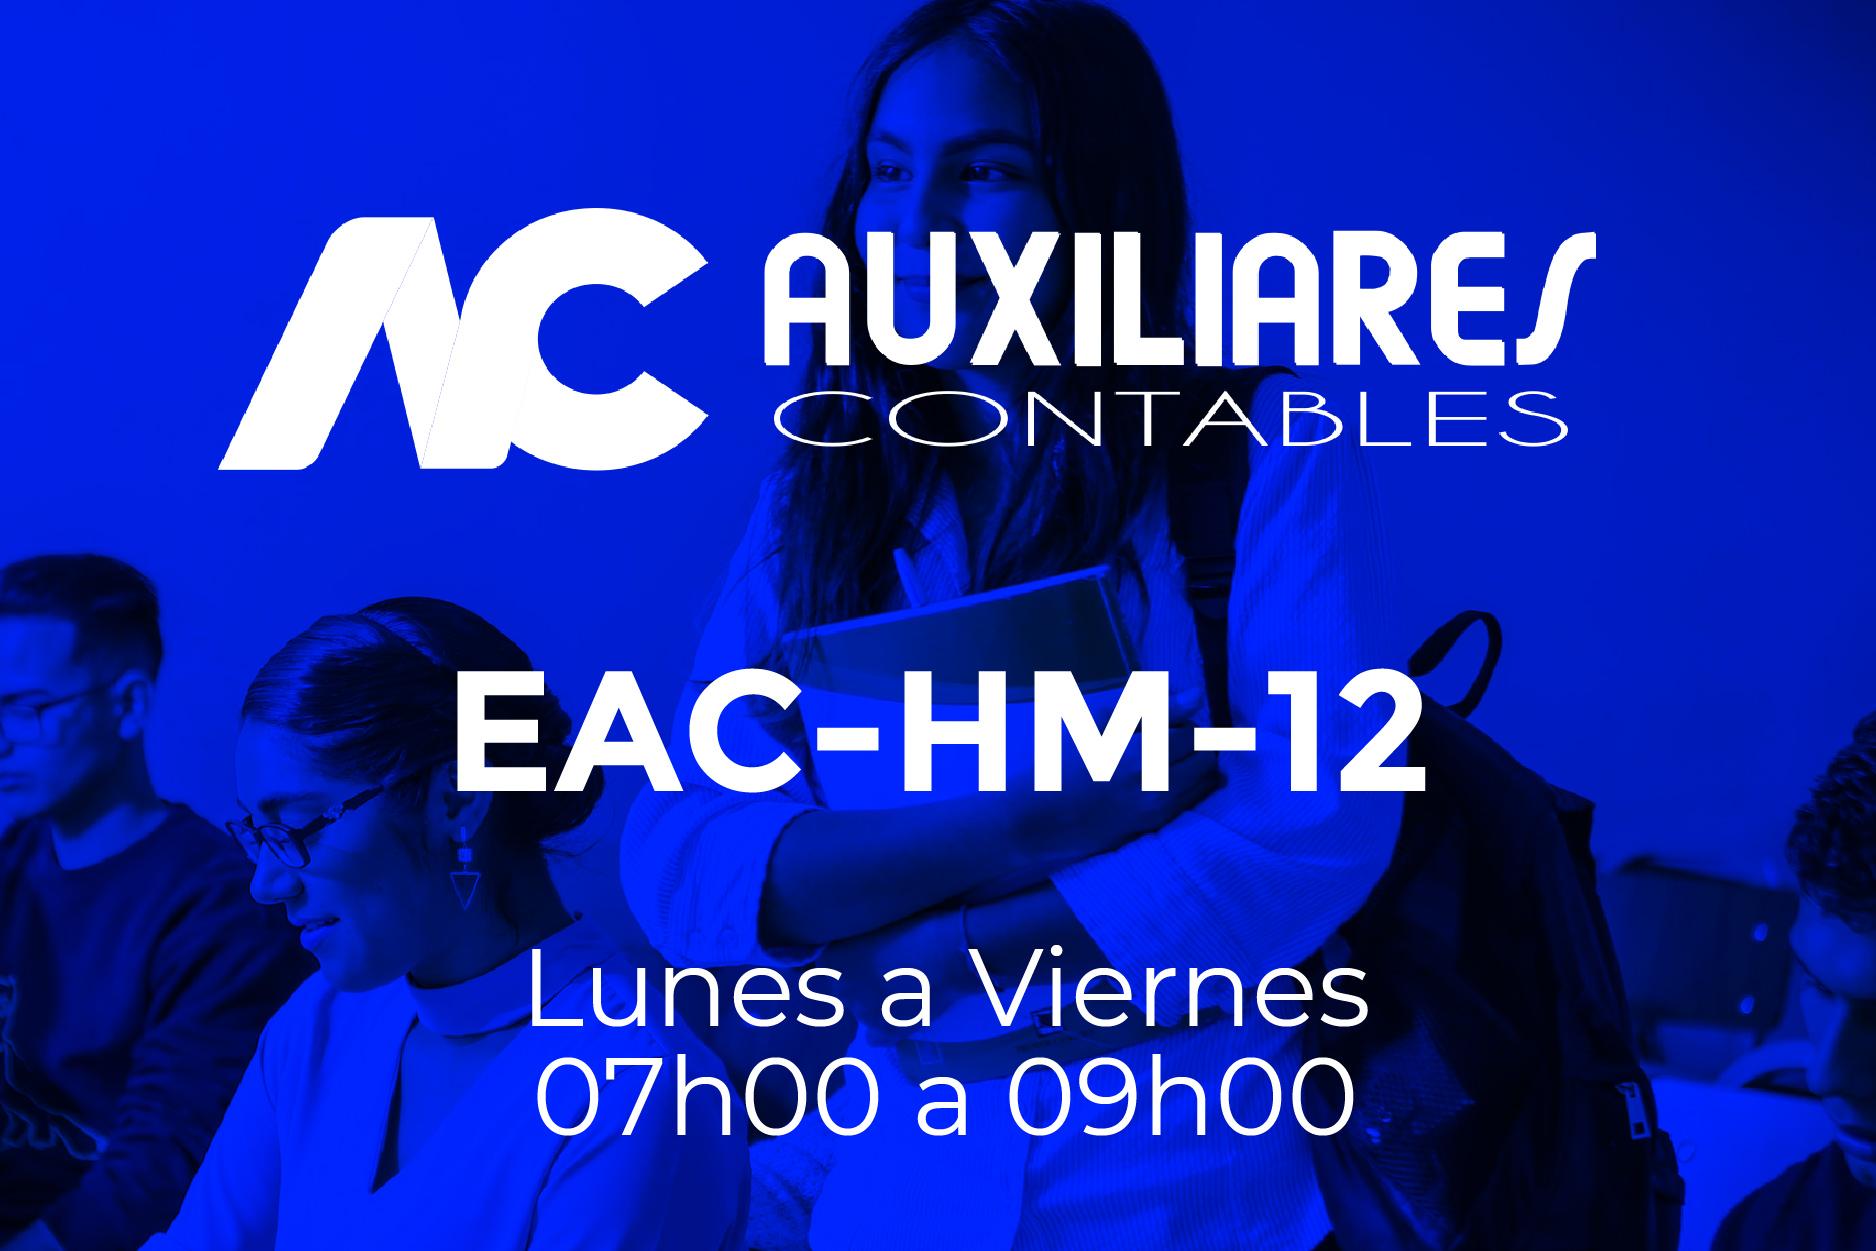 12 - AUXILIARES CONTABLES - LUNES A VIERNES - 07:00 A 09:00